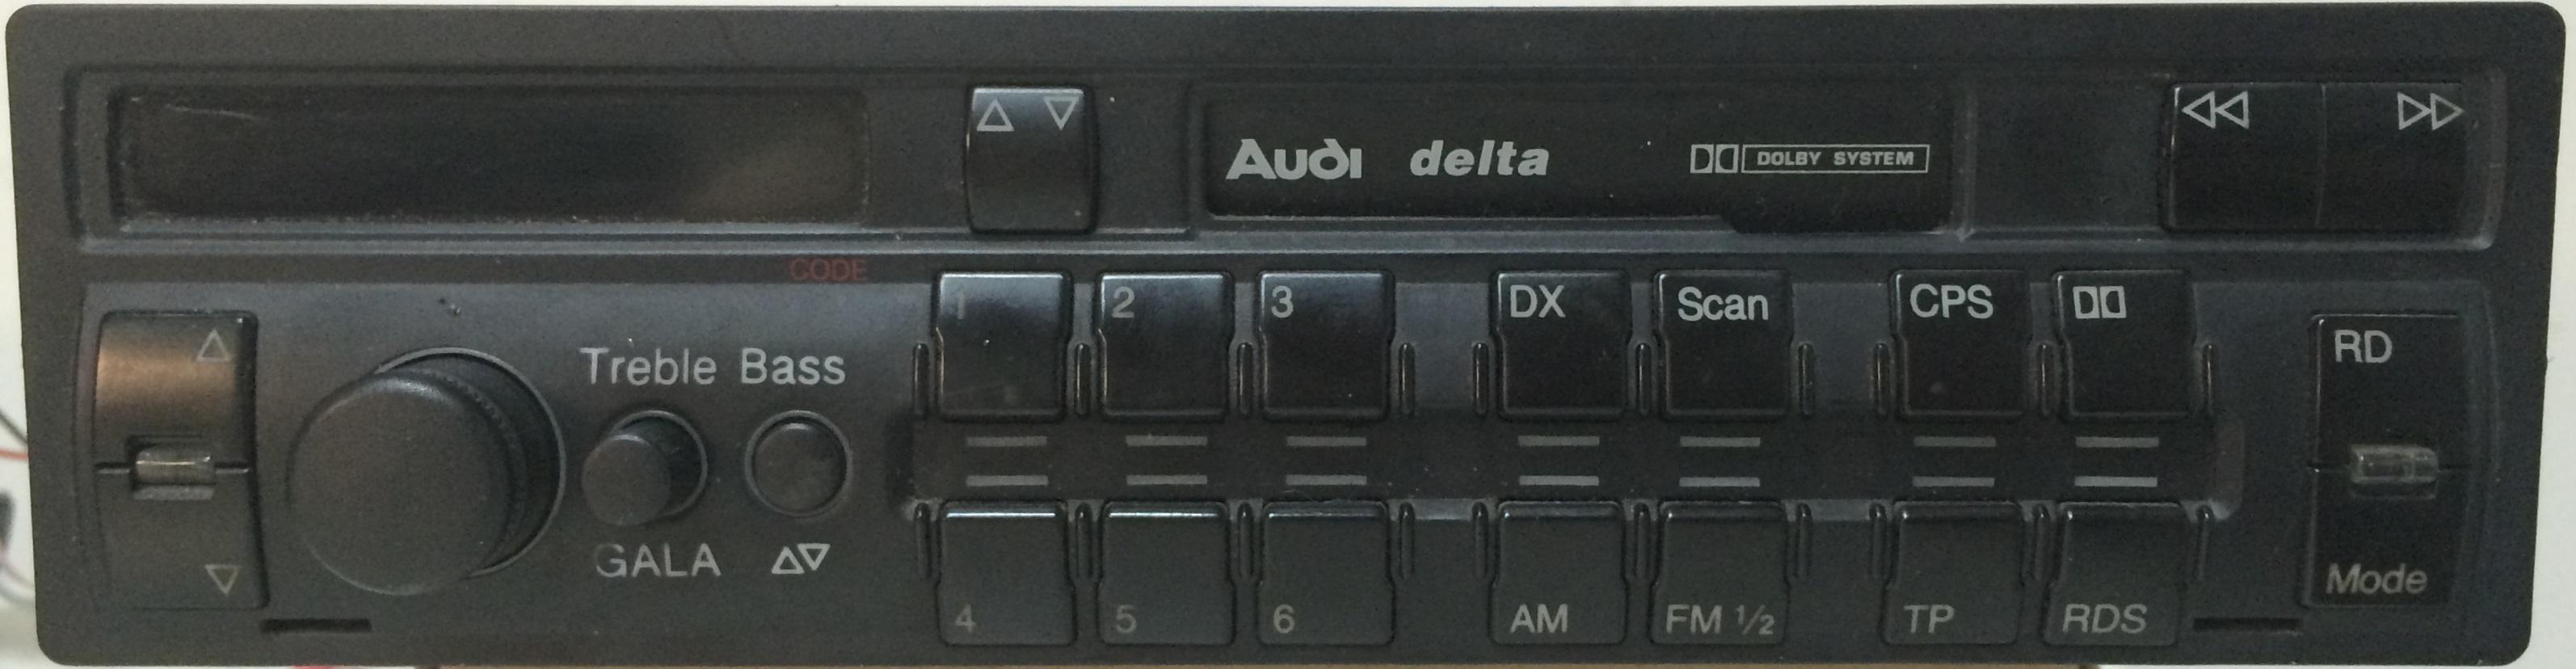 AUDI-Delta-Blaupunkt